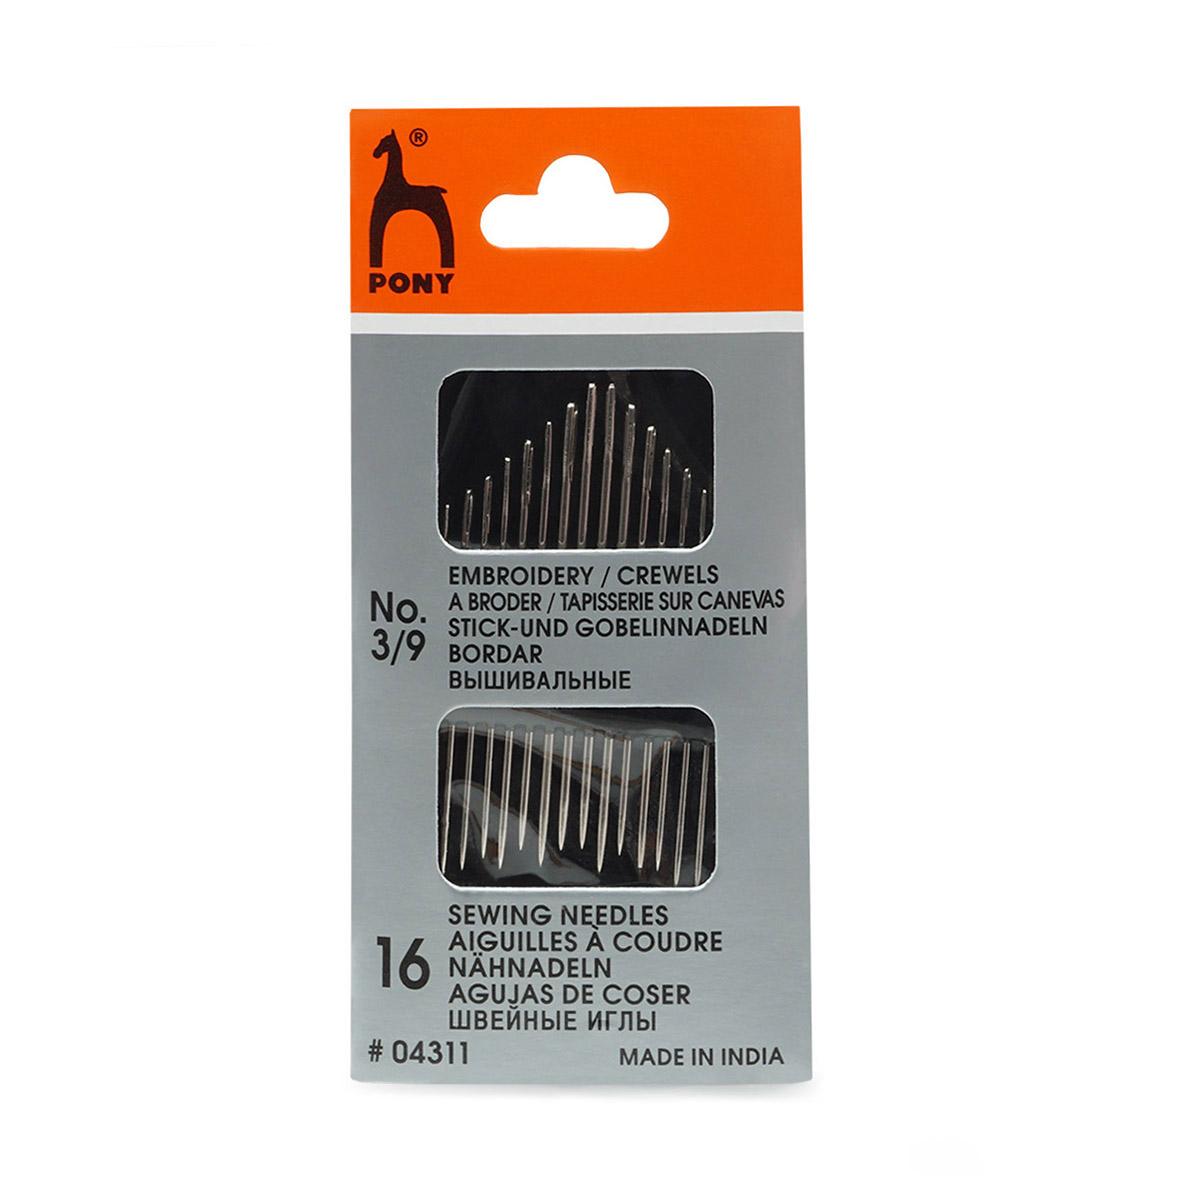 04311 Иглы для вышивания и шитья № 3-9, 16 шт PONY